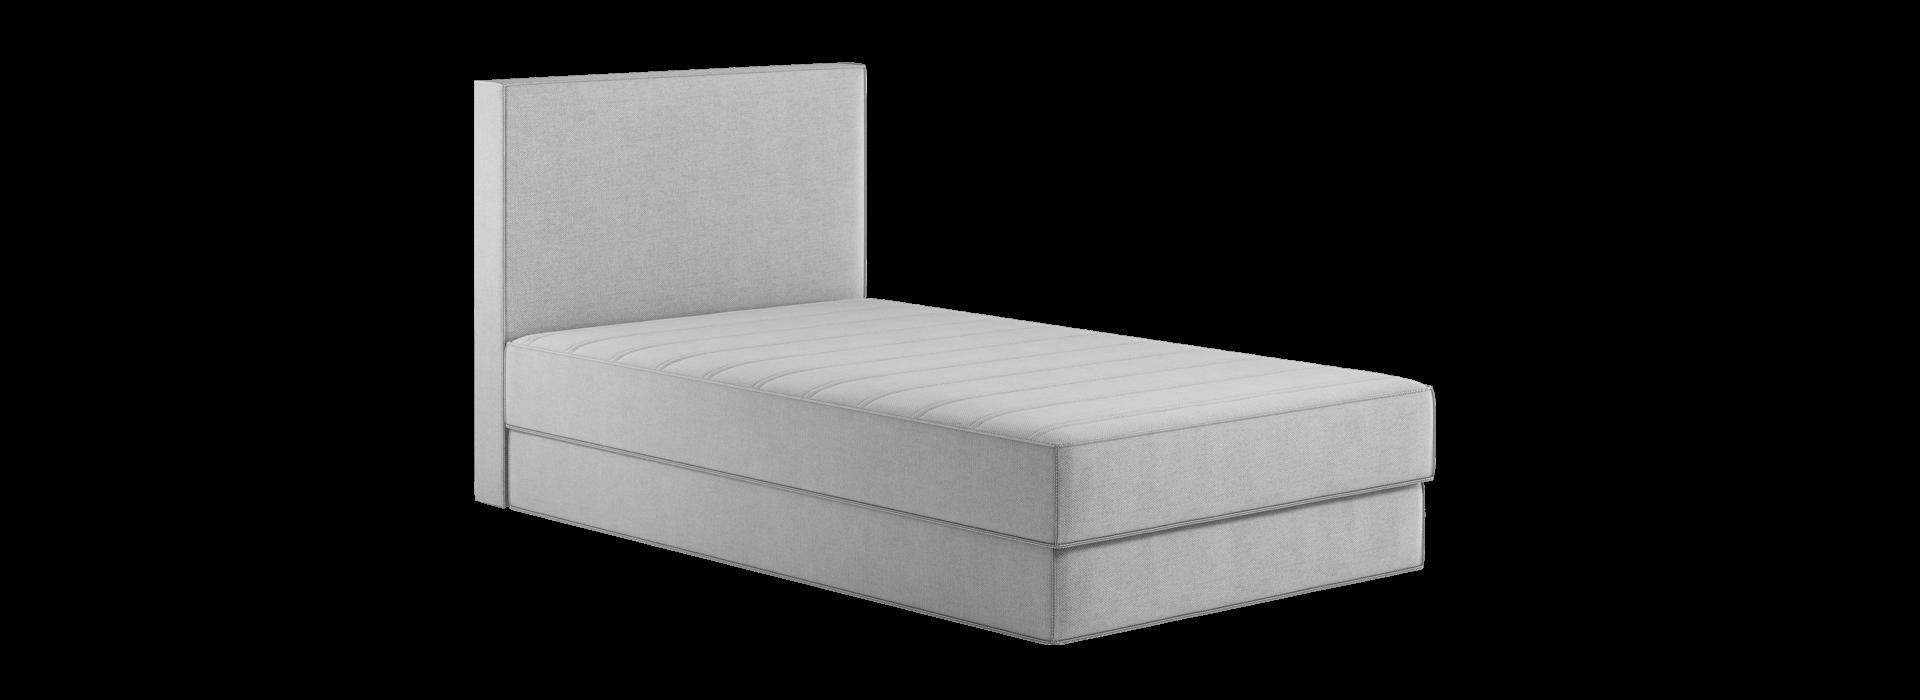 Лина 1.2 кровать с подъемником - маска 4